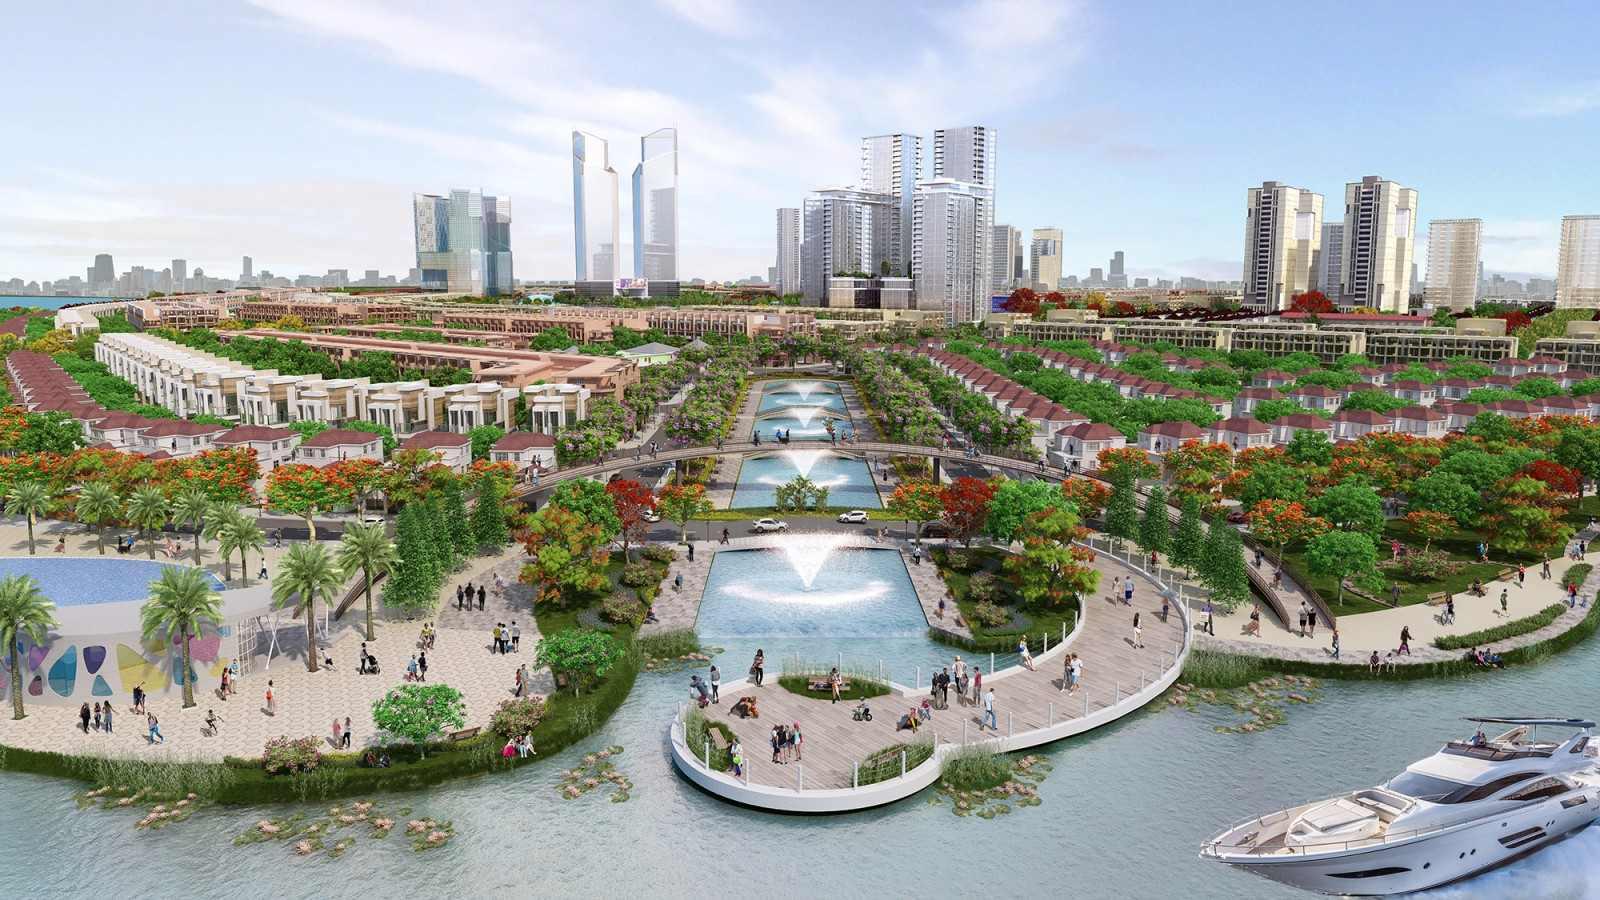 khu đô thị sinh thái hiện đại